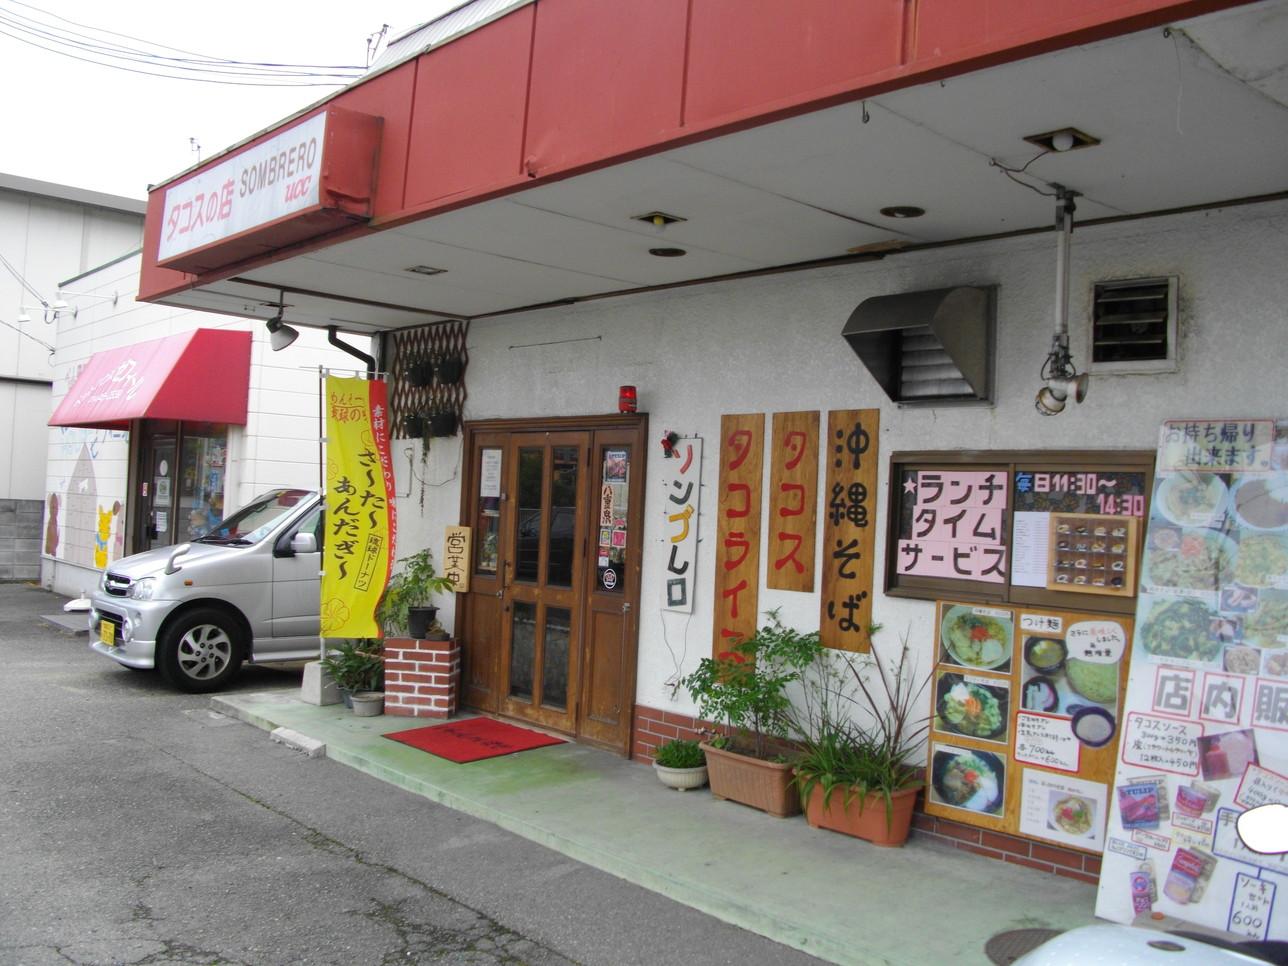 沖縄そば&タコス ソンブレロ 高砂店